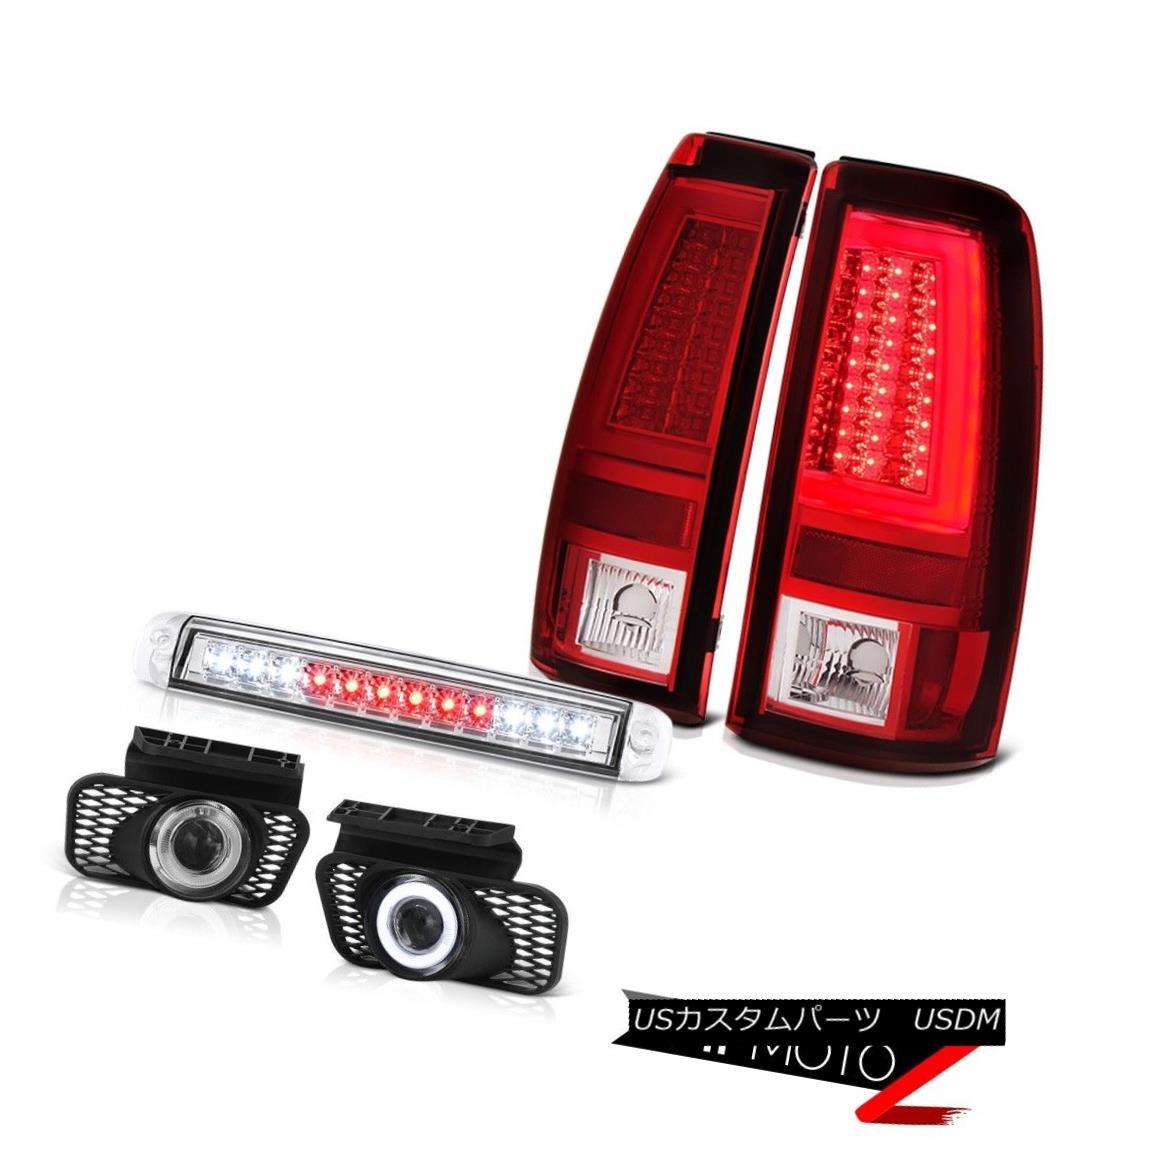 テールライト 03 04 05 06 Silverado 3500Hd Tail Brake Lights 3RD Light Fog Lamps